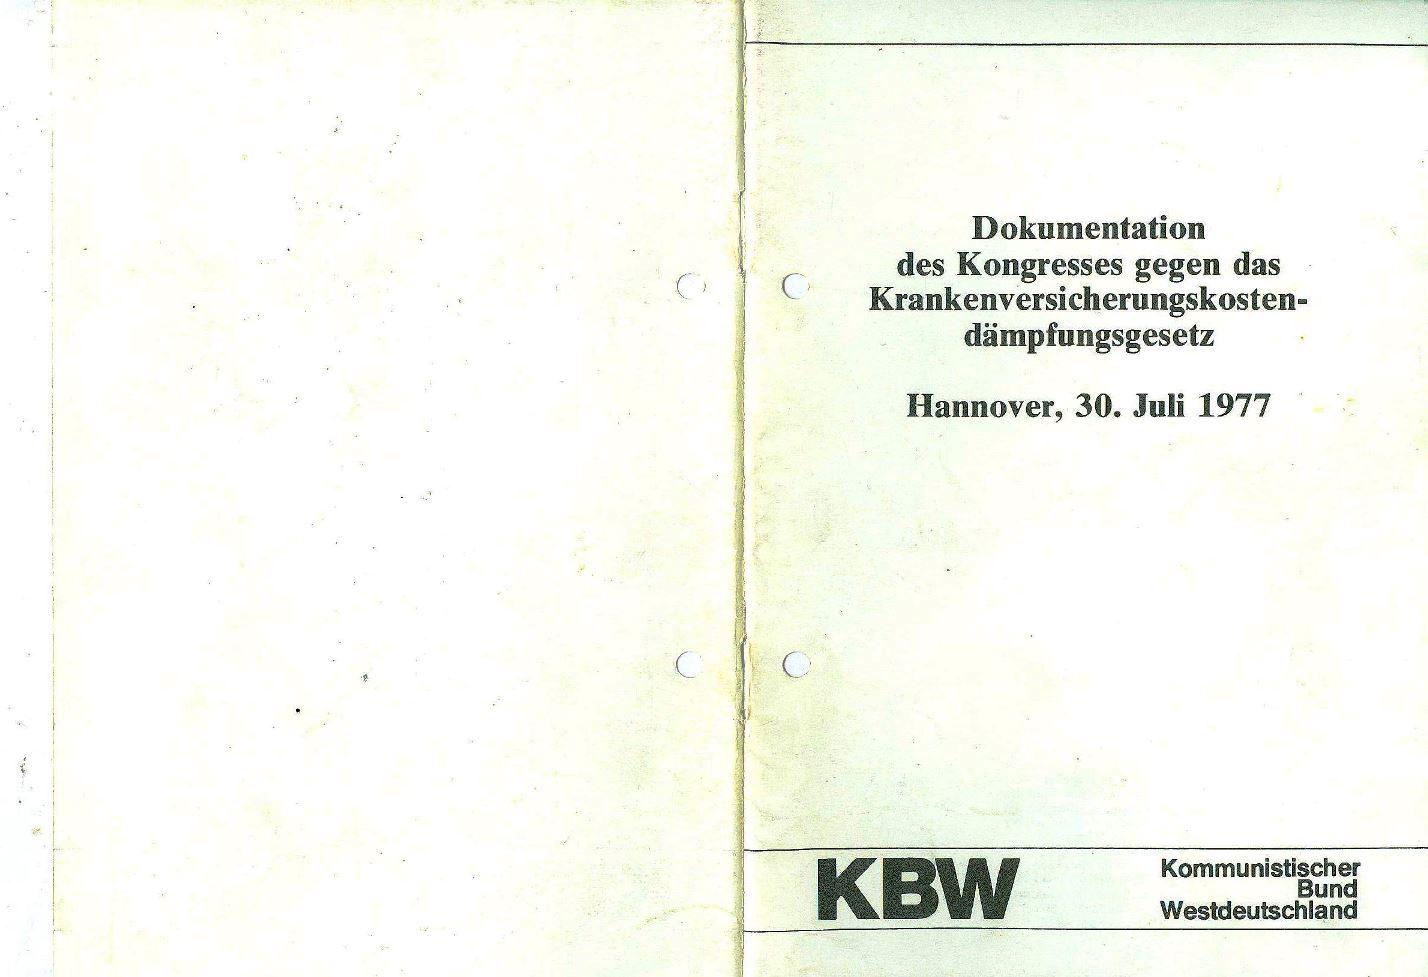 OTV_KBW_Doku_KVKG_1977_01